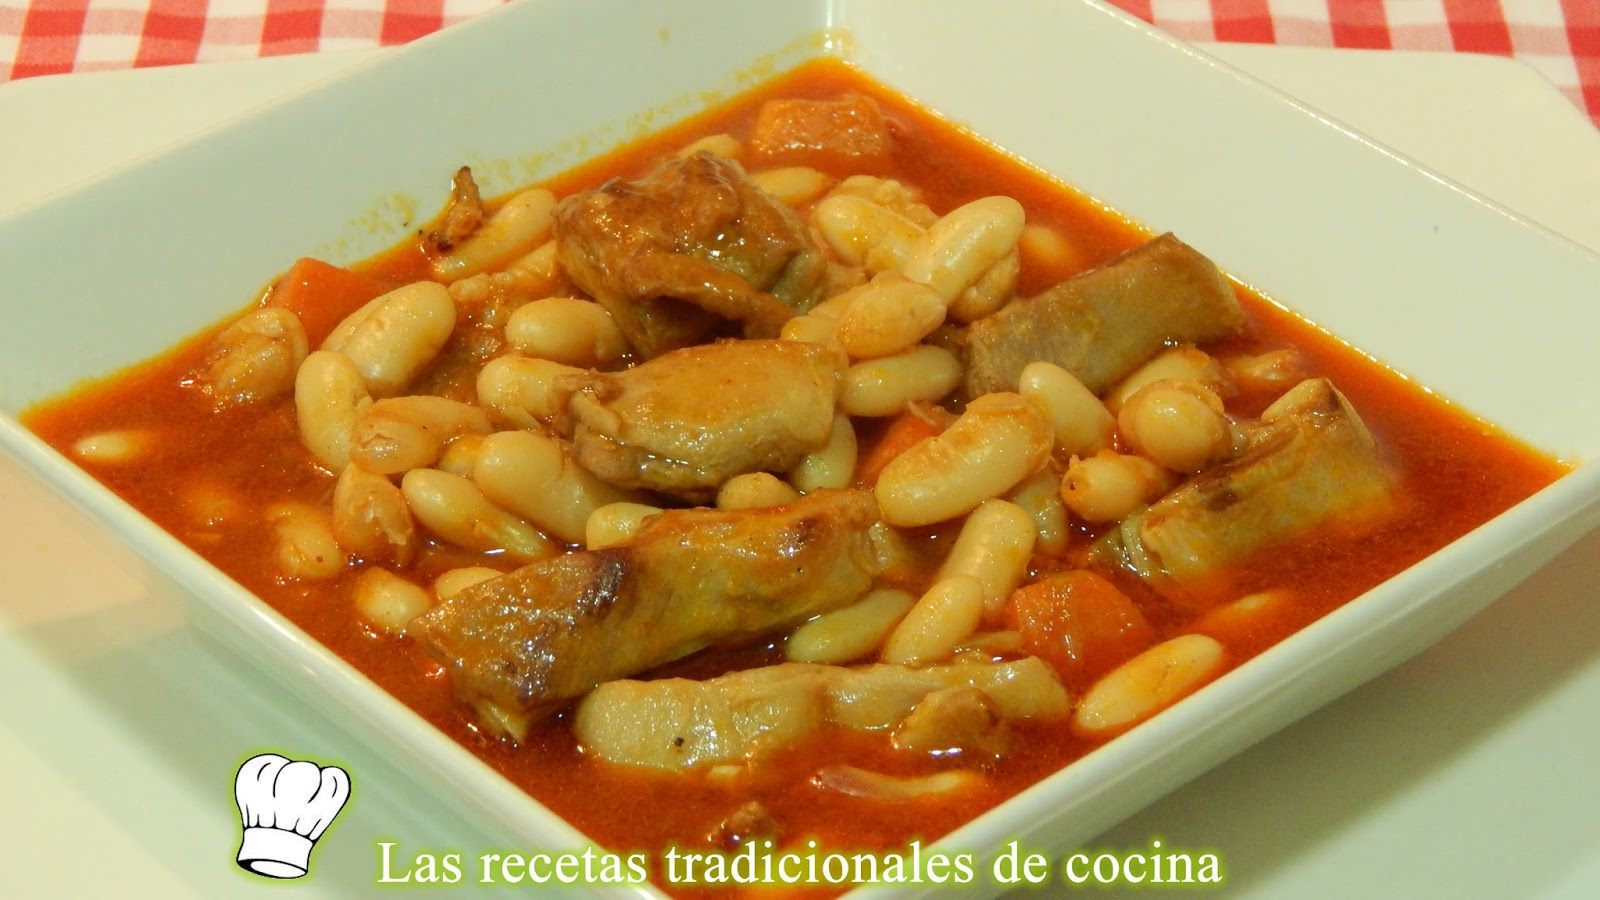 o viene muy propiedad un bueno plato de cuchara Recetas de Alubias con cordero receta fácil